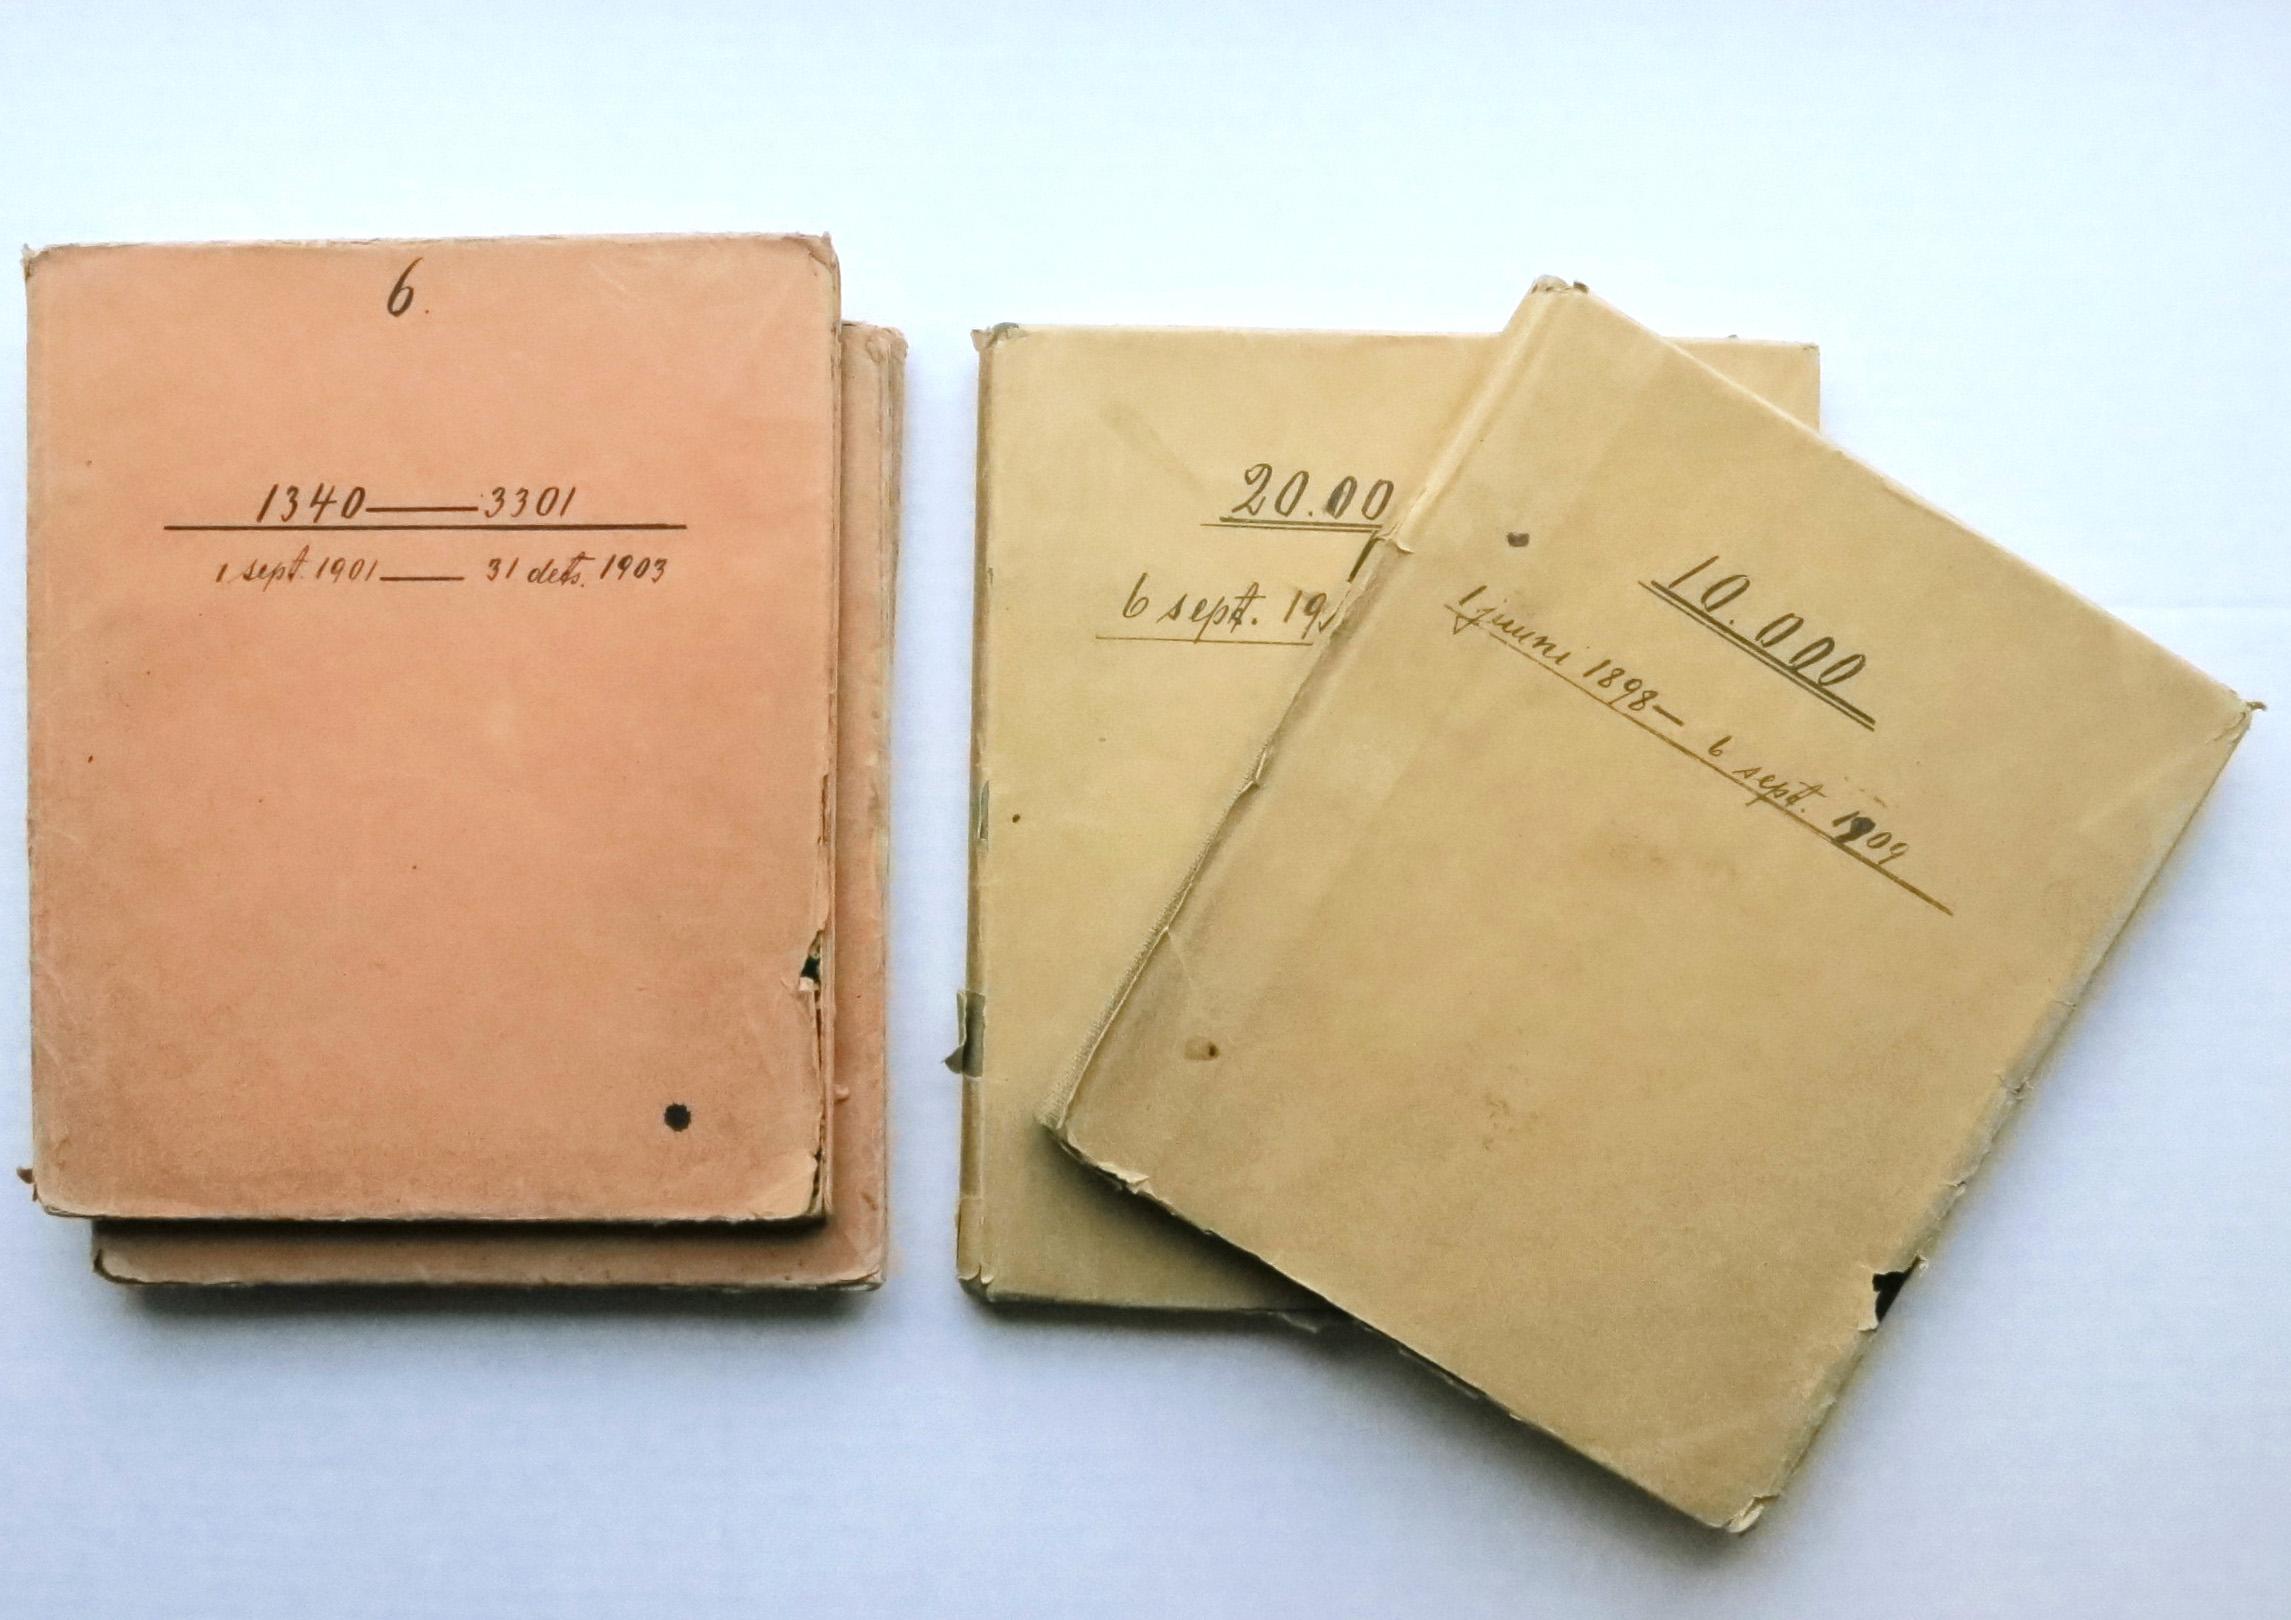 Rieti ateljee registriraamatud, EFA f 215